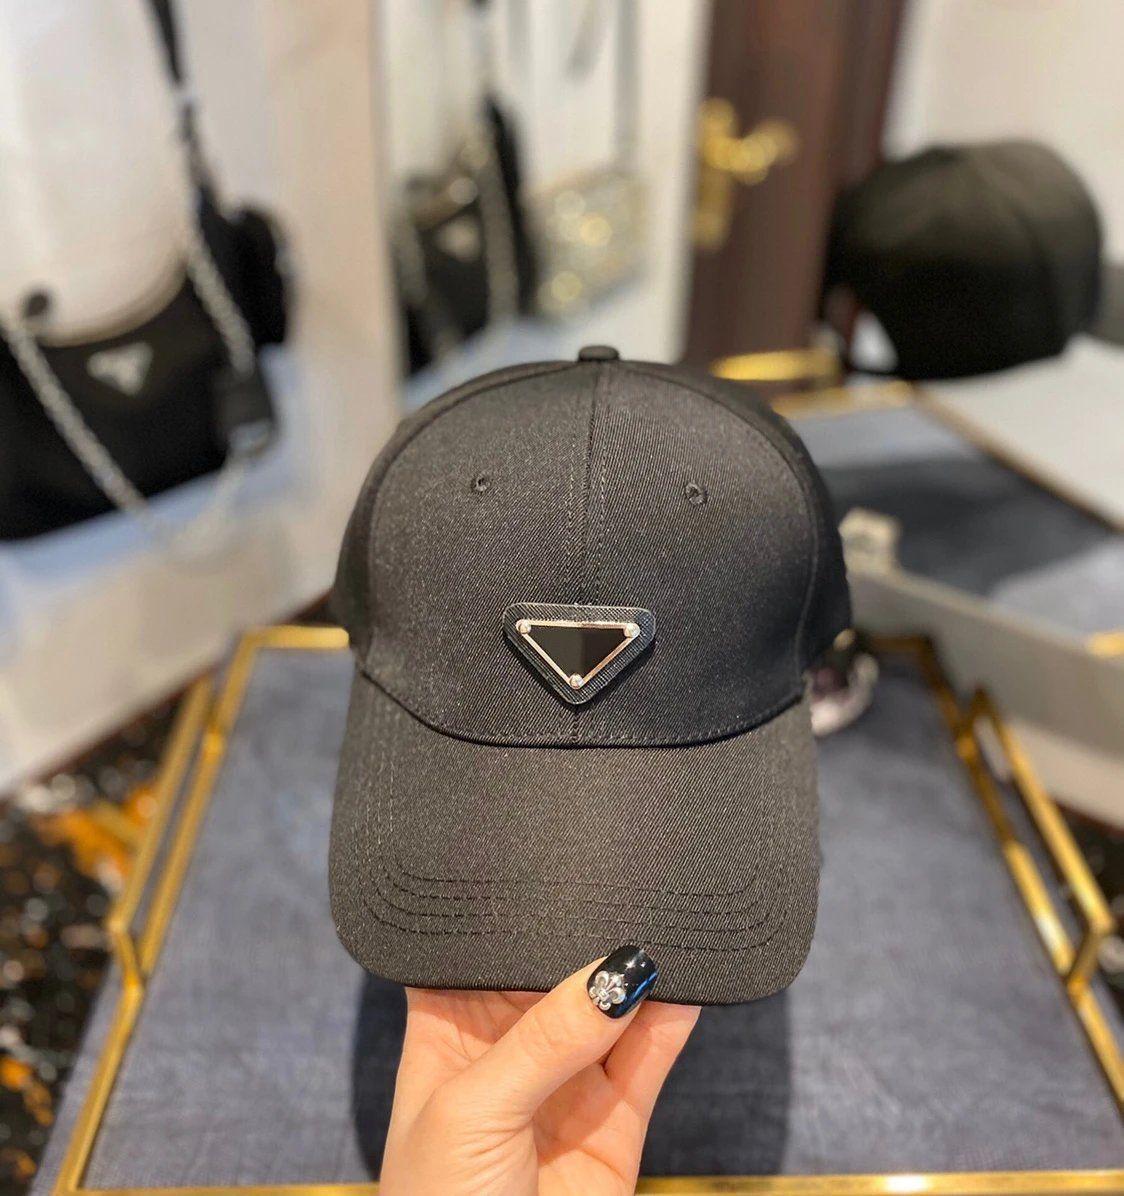 21SS Top Qualität Mode Straße Ball Cap Hat Design Caps Baseballmütze Für Mann Frau Einstellbare Sport Hüte 4 Saison